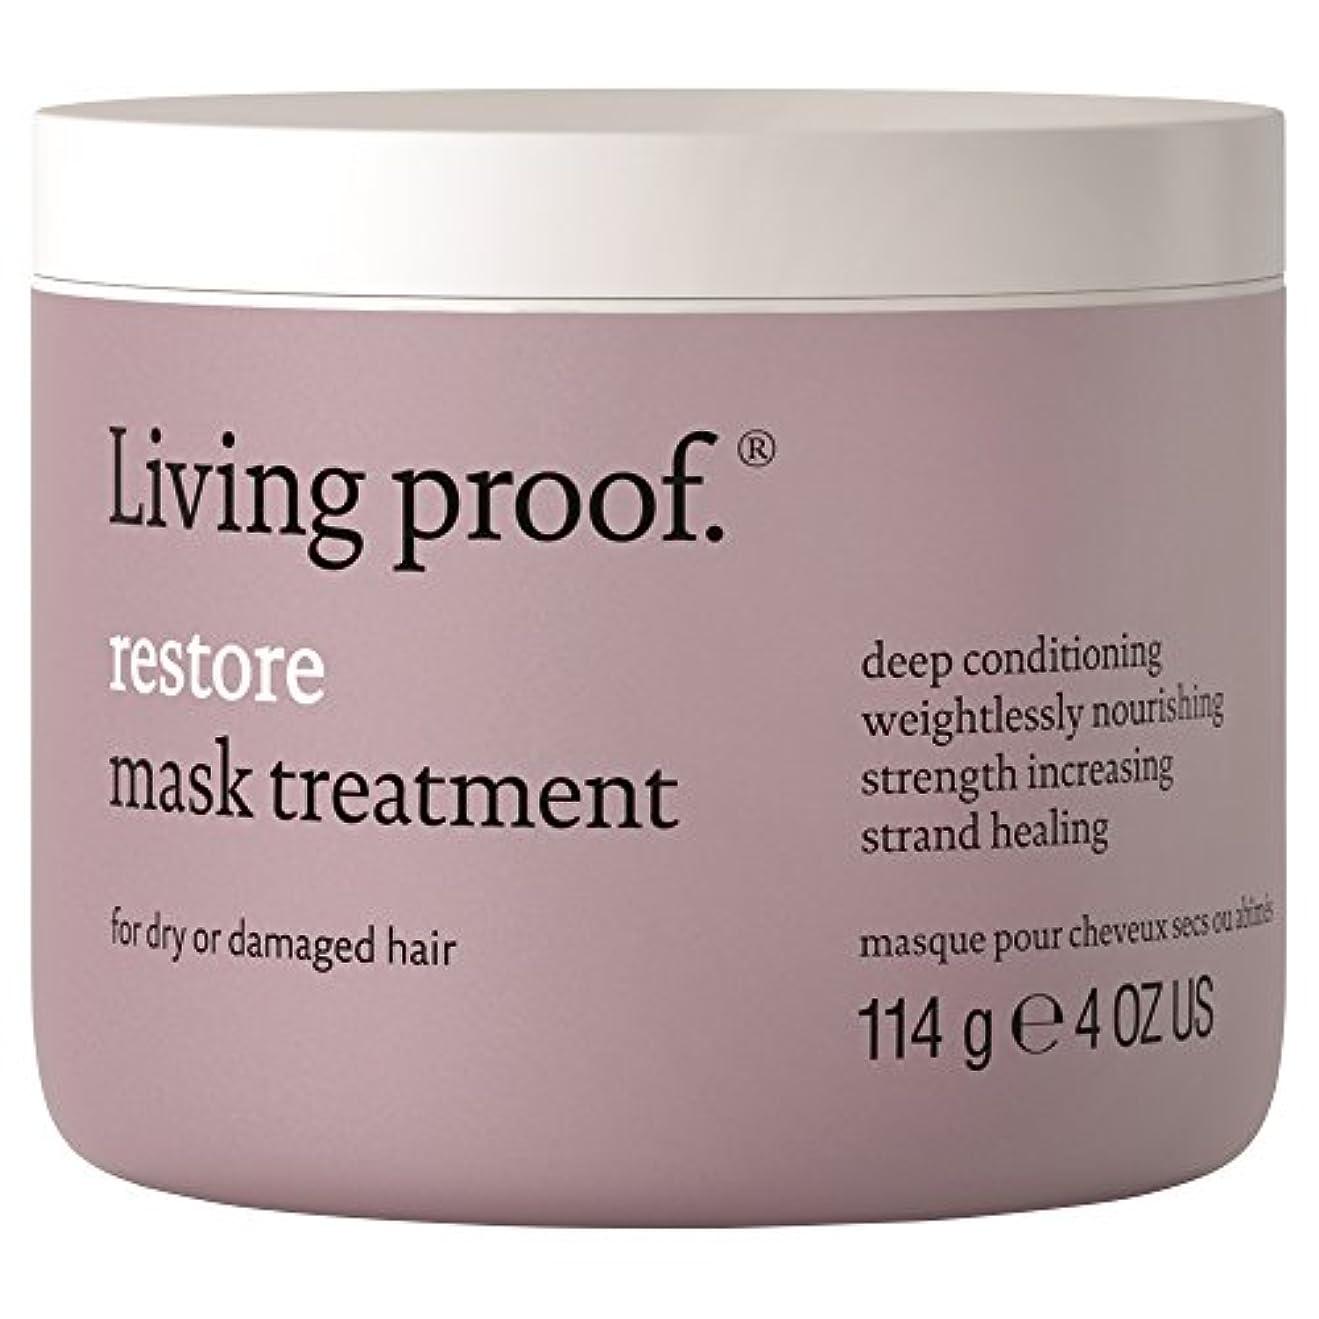 に賛成パスタとげ生きている証拠は、マスク処理114グラムを復元します (Living Proof) - Living Proof Restore Mask Treatment 114g [並行輸入品]